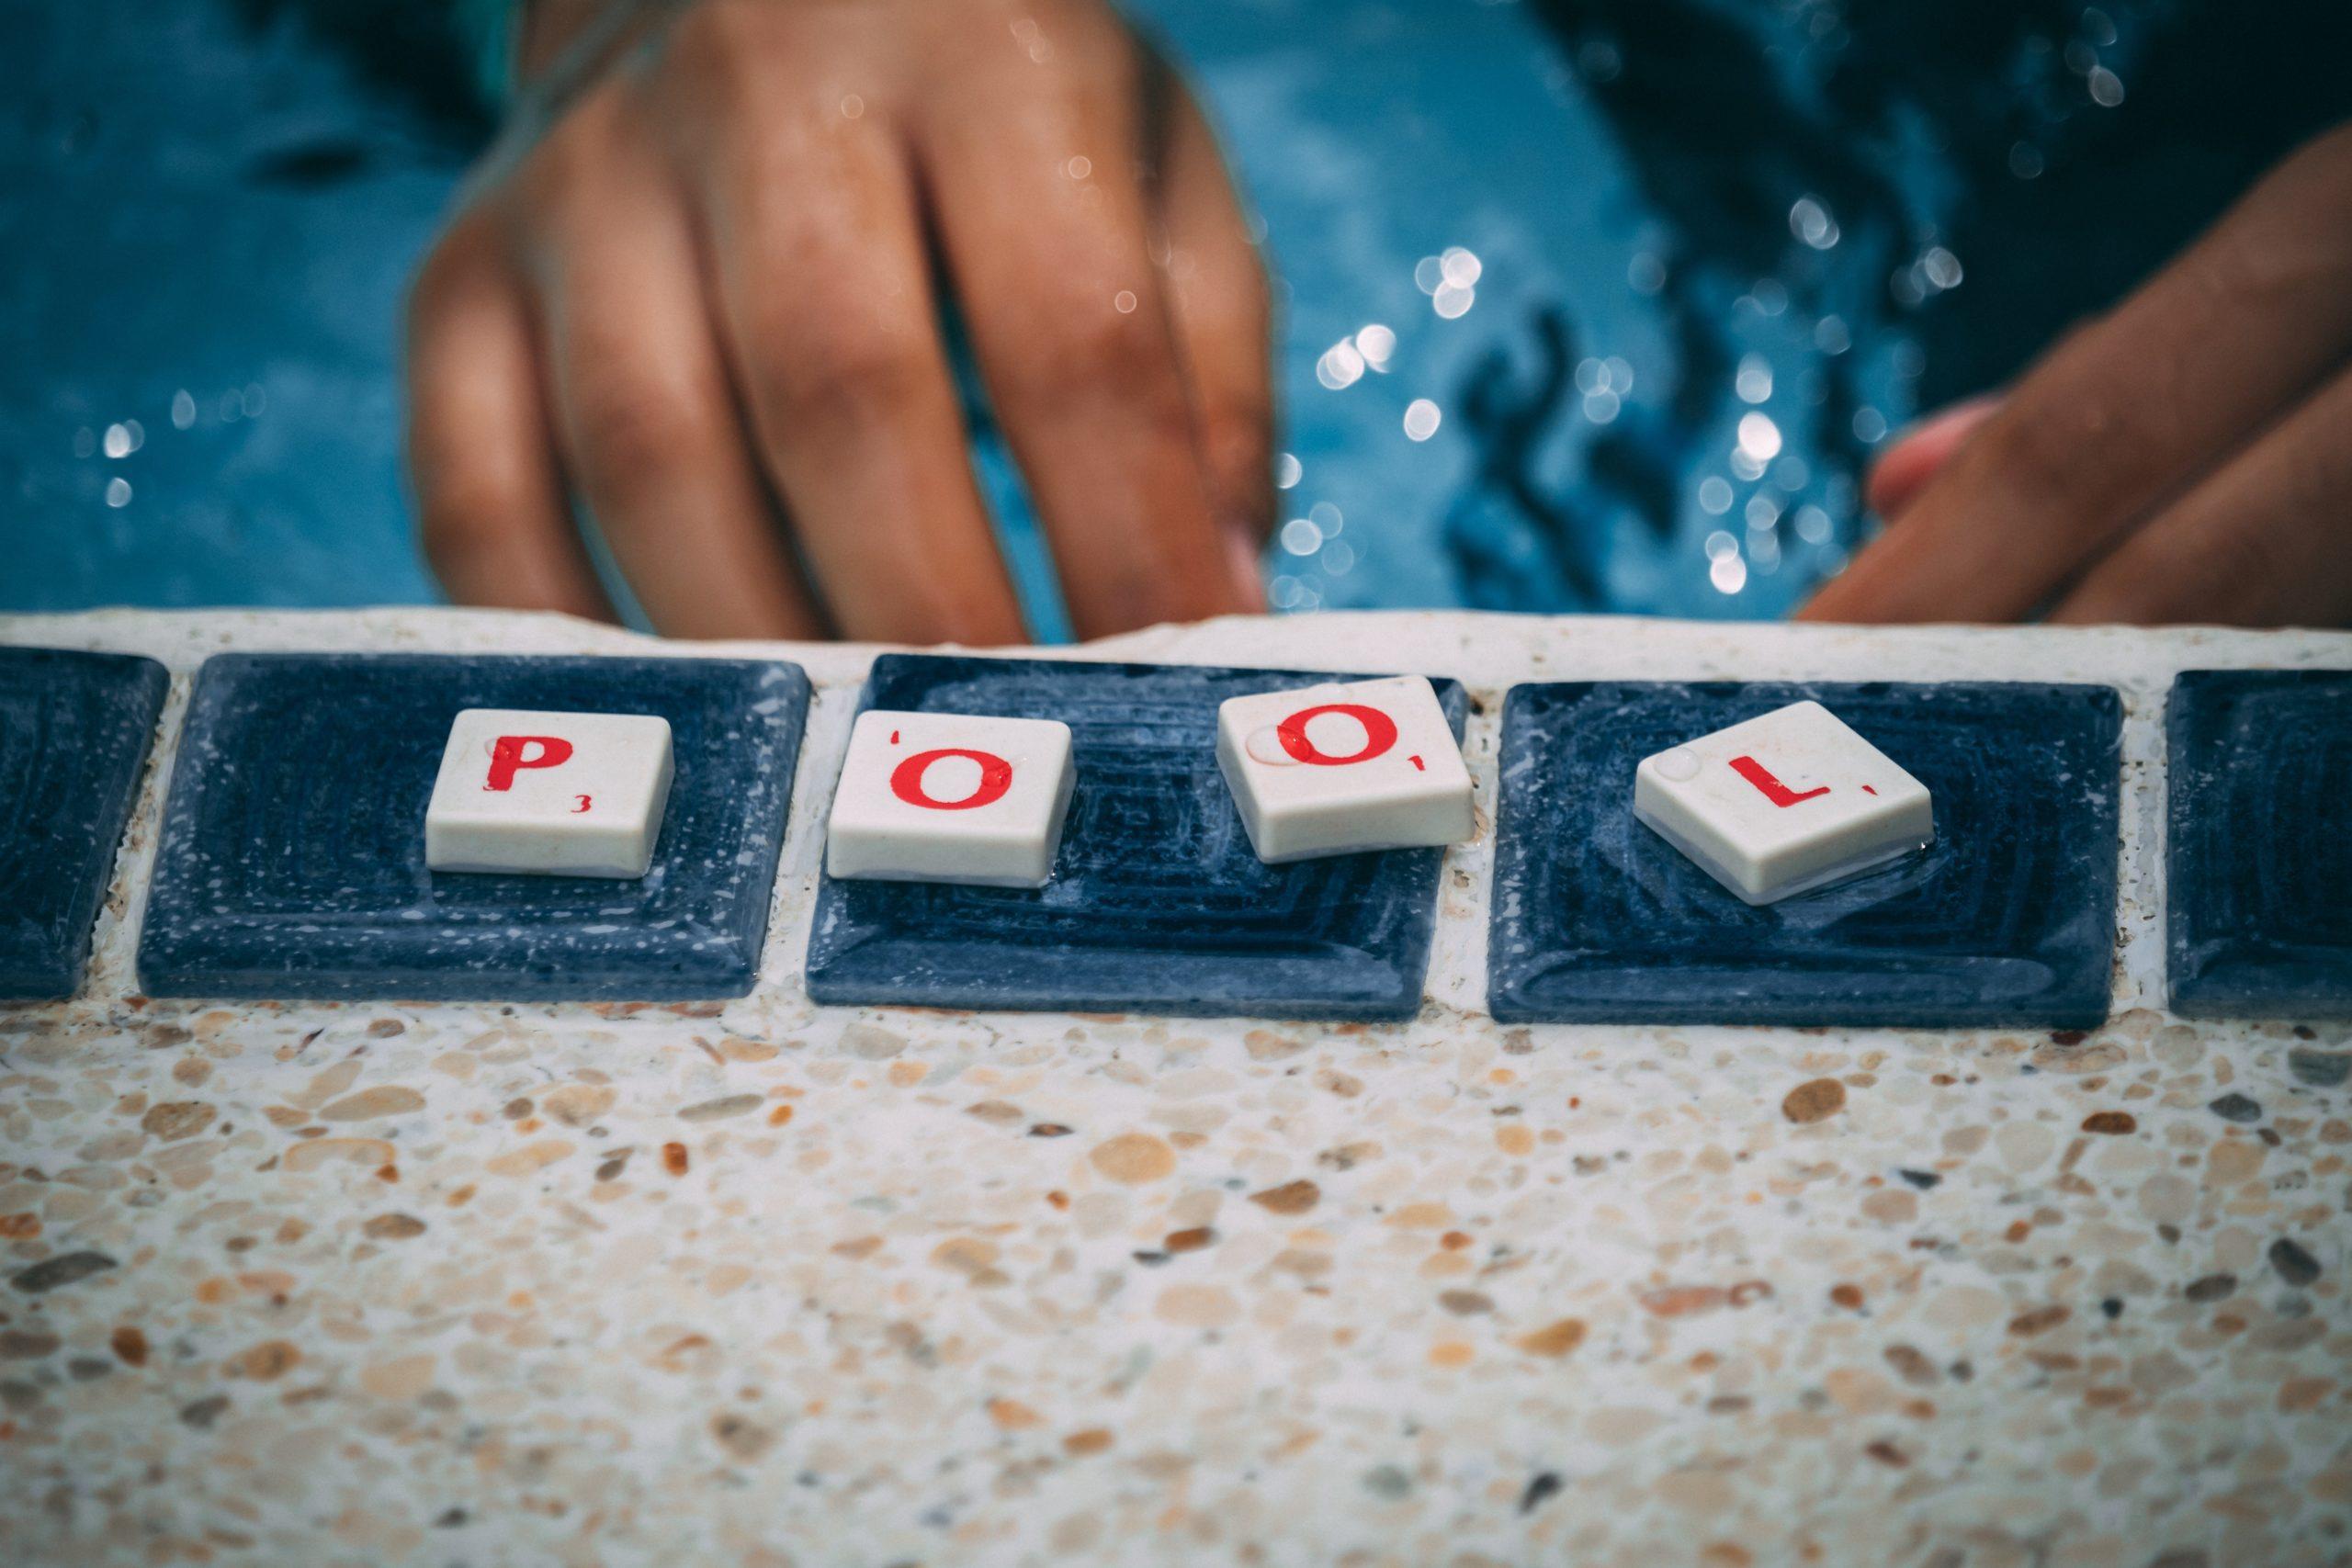 Das Wort Pool mit Scrabble Steinen am Beckenrand gelegt